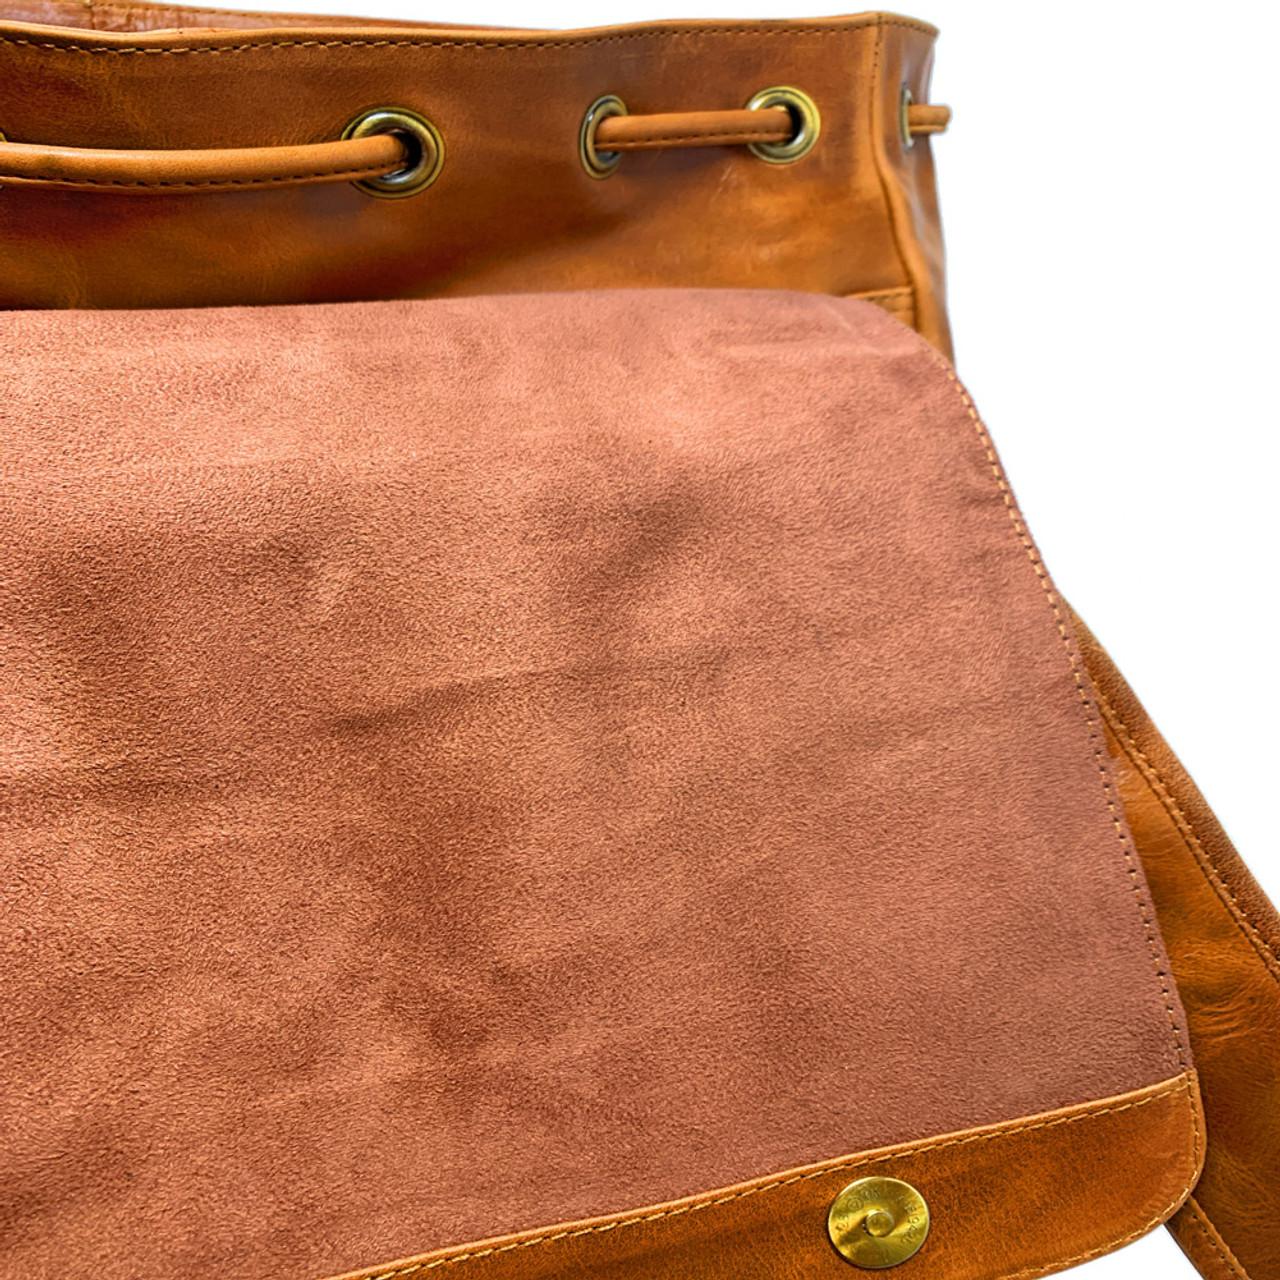 Tennessee Volunteers Vols UT Leather Rucksack Tan Westbridge Backpack